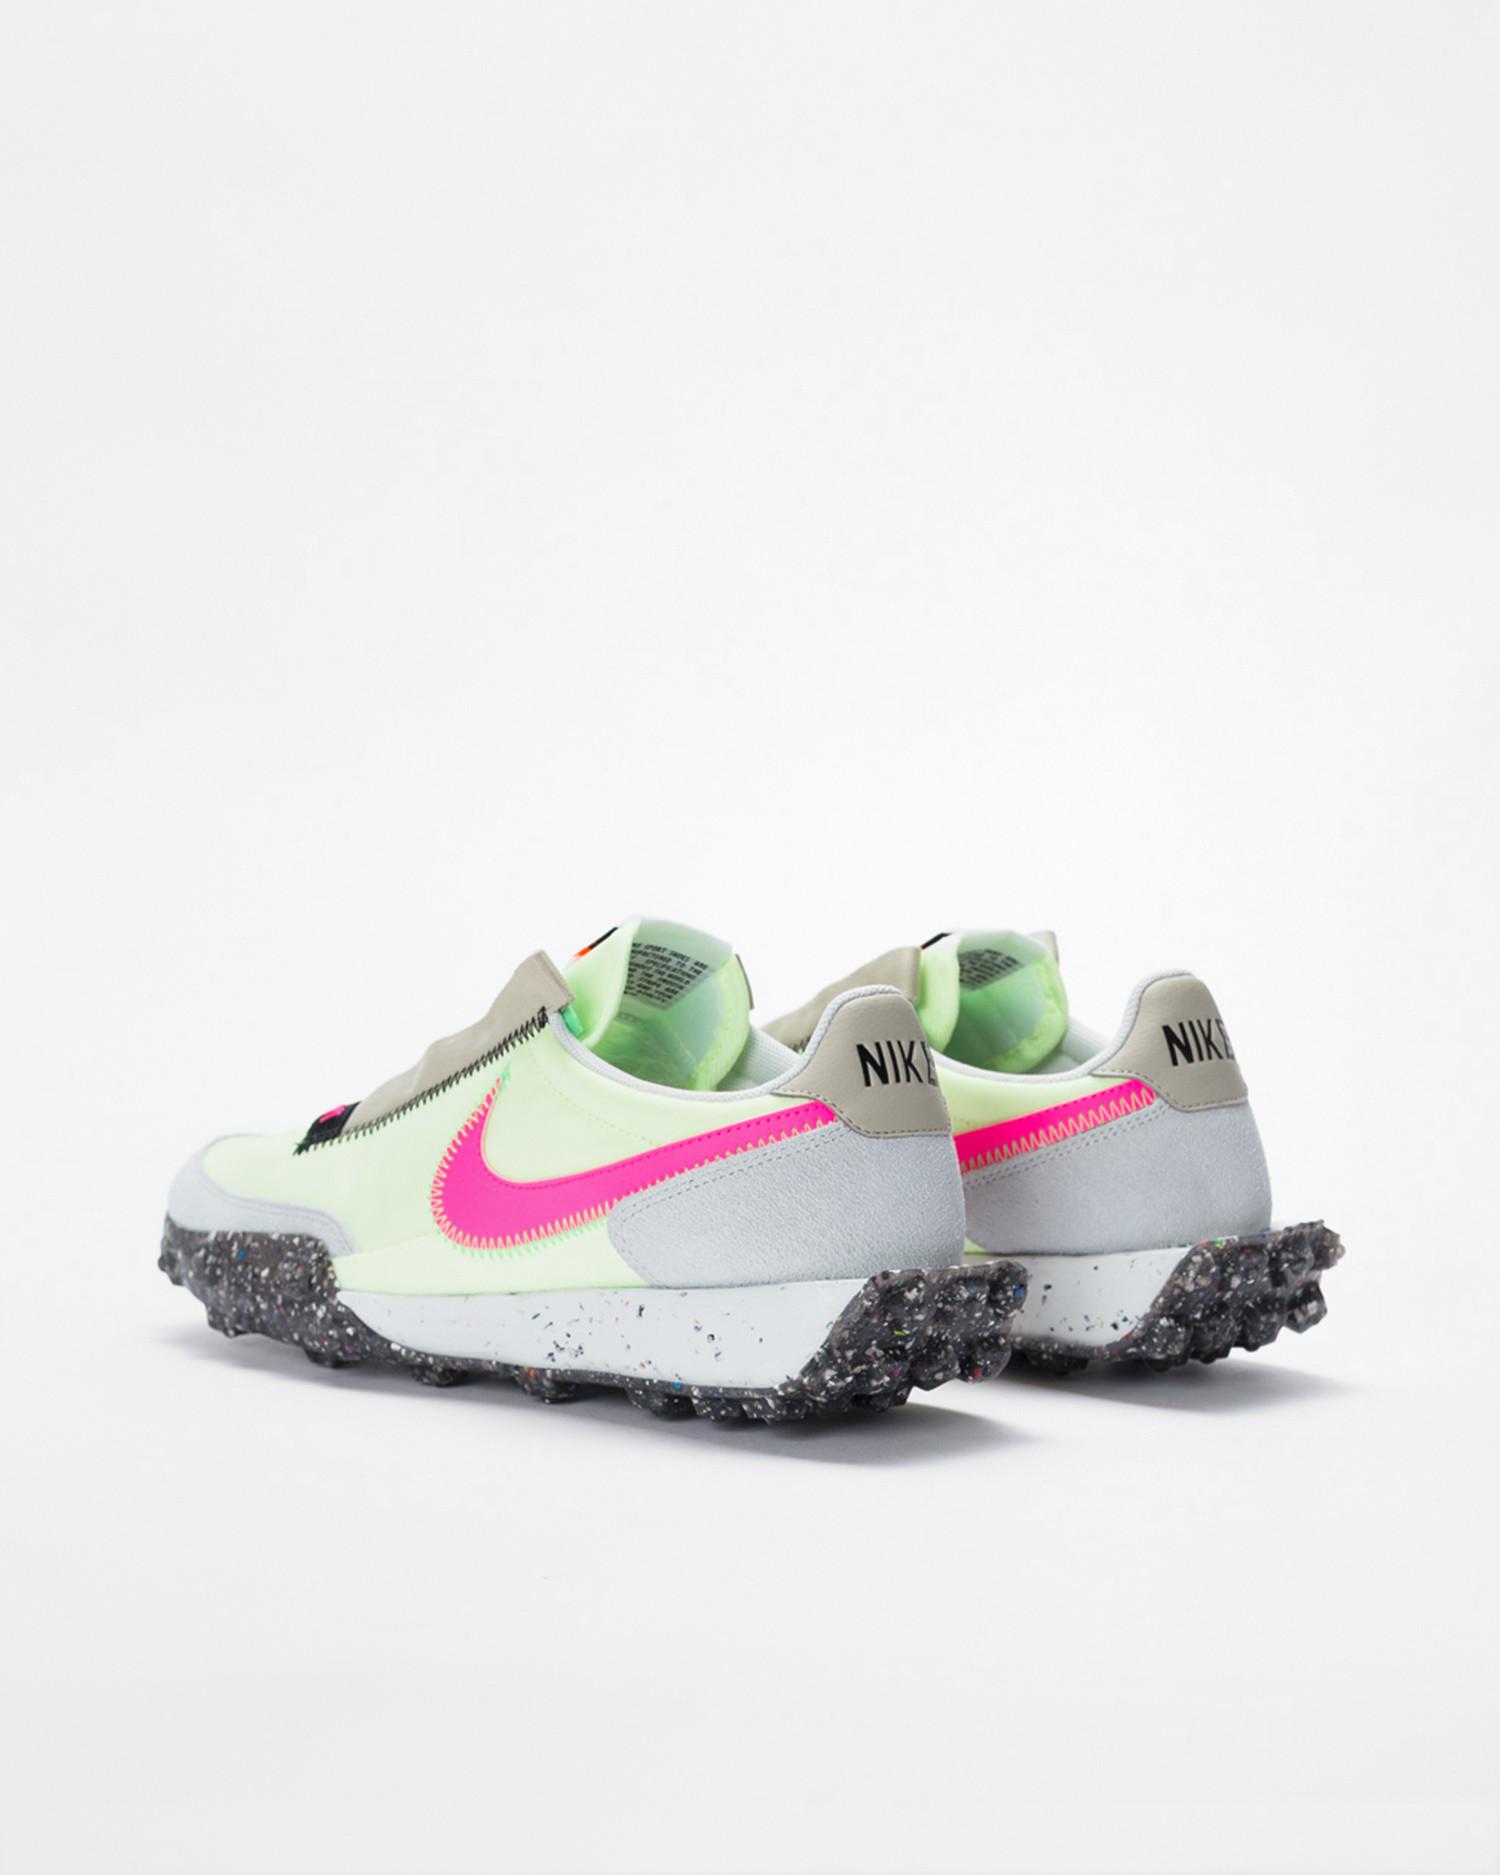 W Nike Waffle Racer volt/pink/black